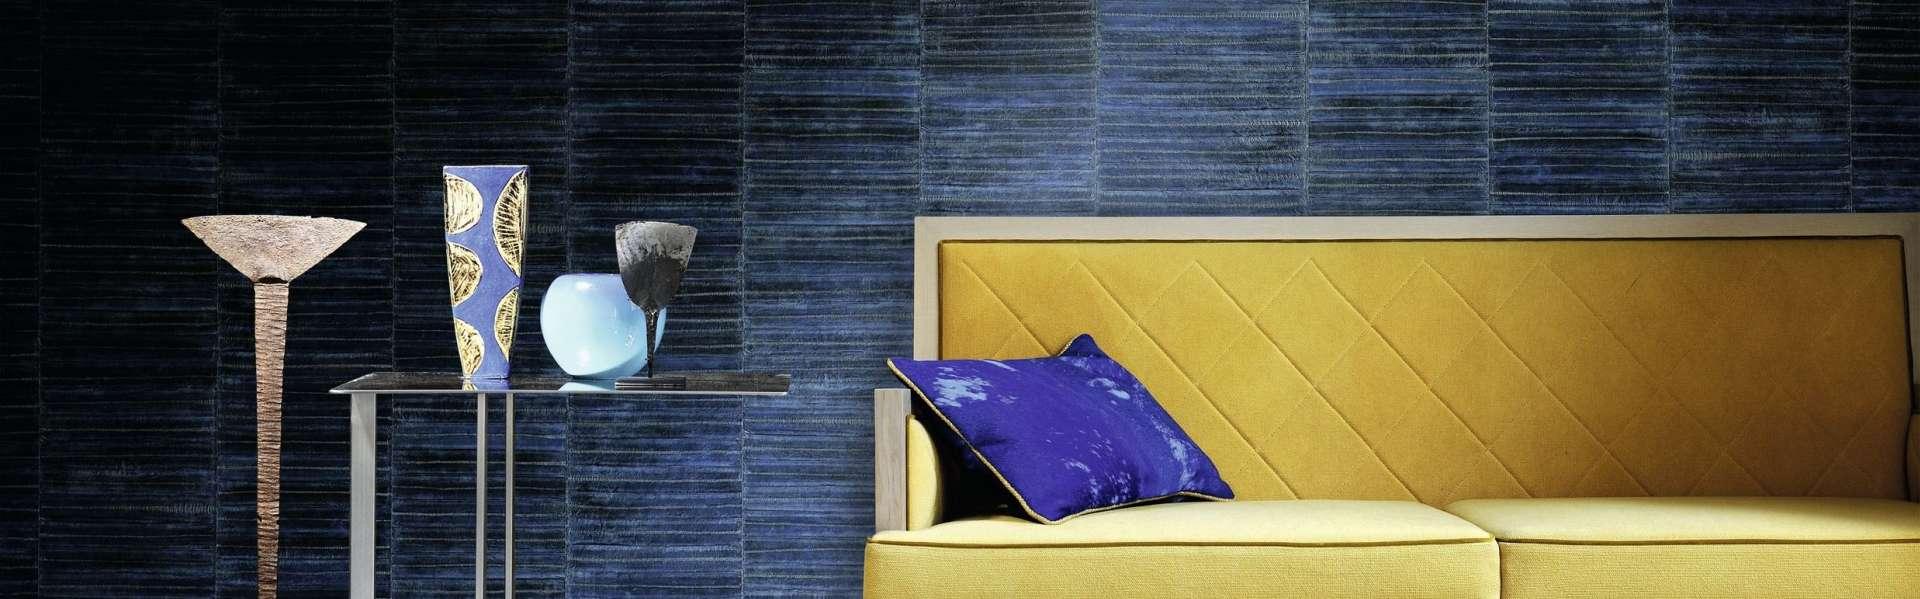 Full Size of Küchen Tapeten Abwaschbar Fototapeten Wohnzimmer Schlafzimmer Ideen Für Die Küche Regal Wohnzimmer Küchen Tapeten Abwaschbar